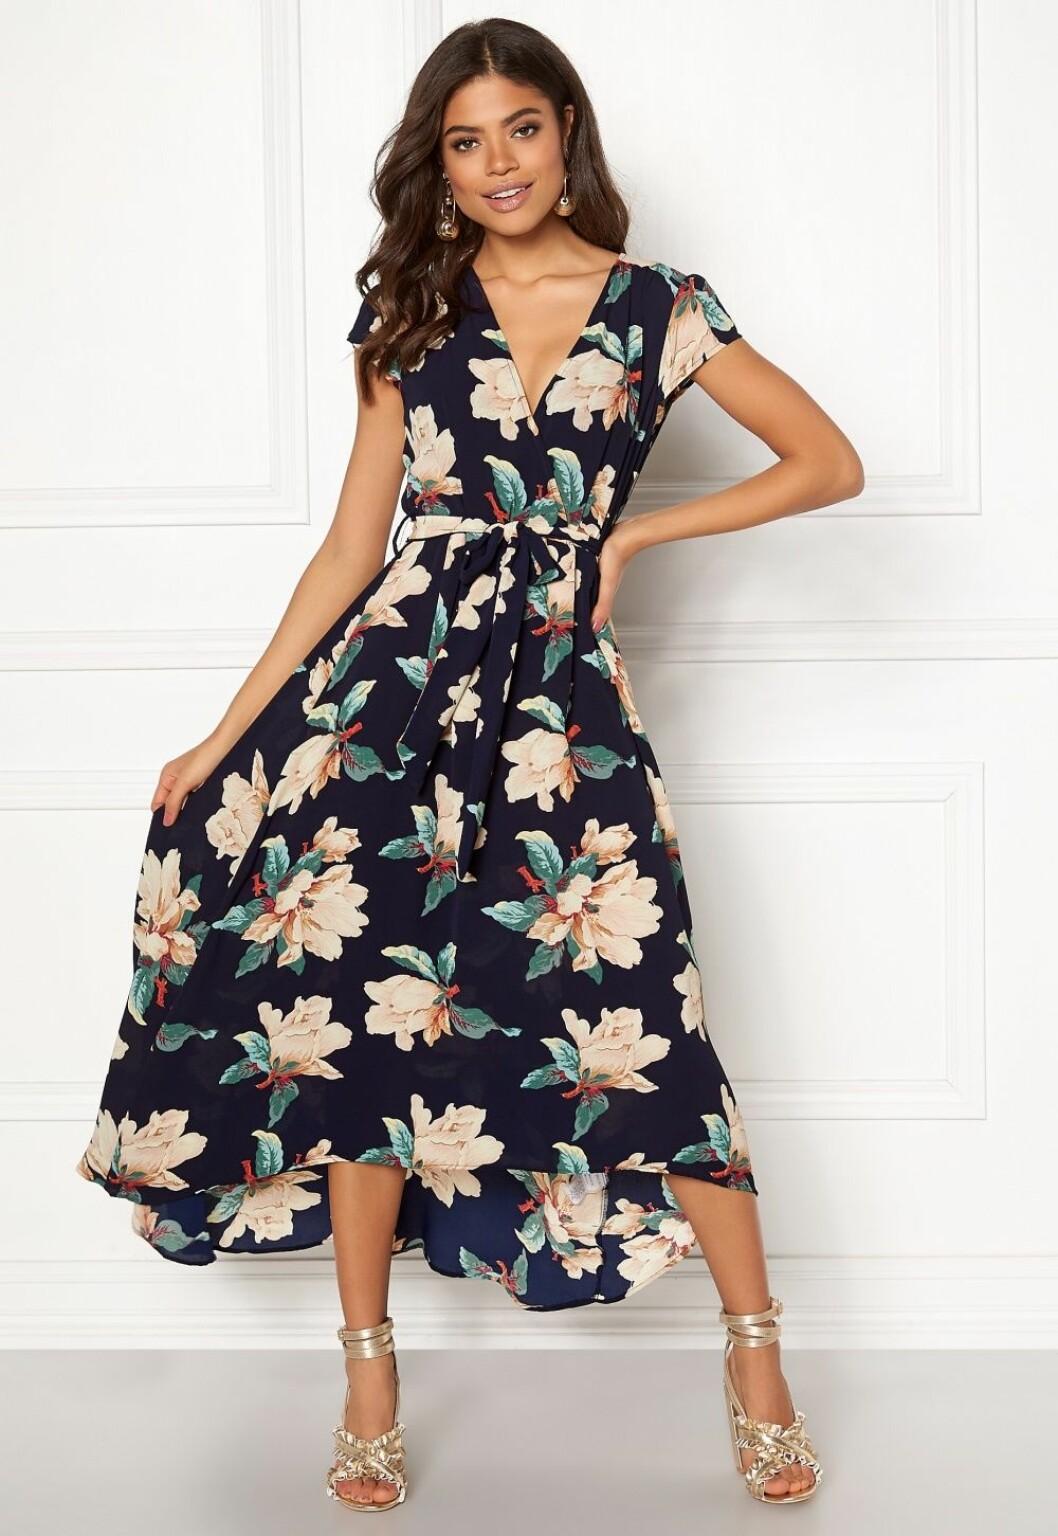 Blommig klänning till bröllop 2019